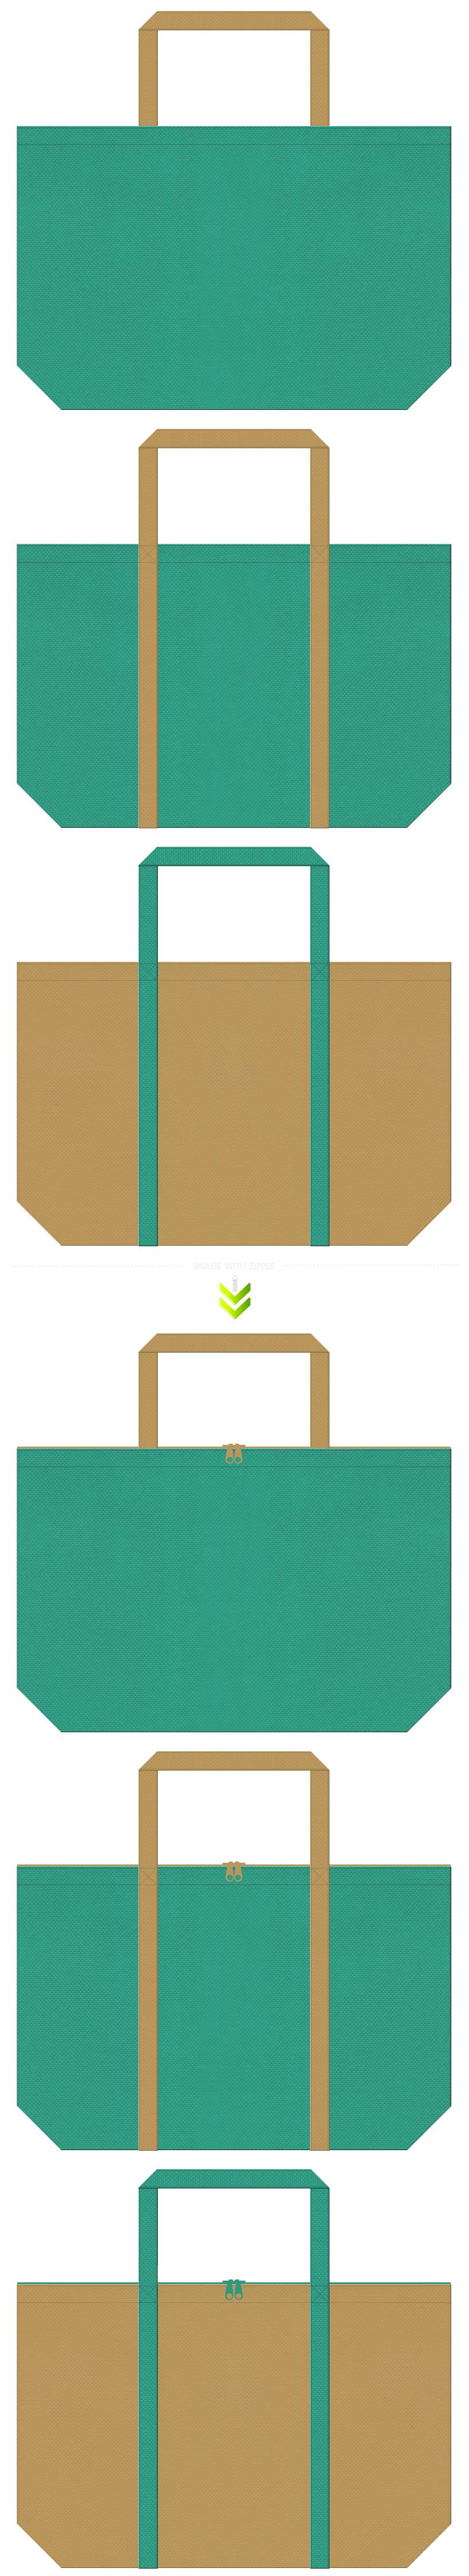 青緑色と金色系黄土色の不織布エコバッグのデザイン。